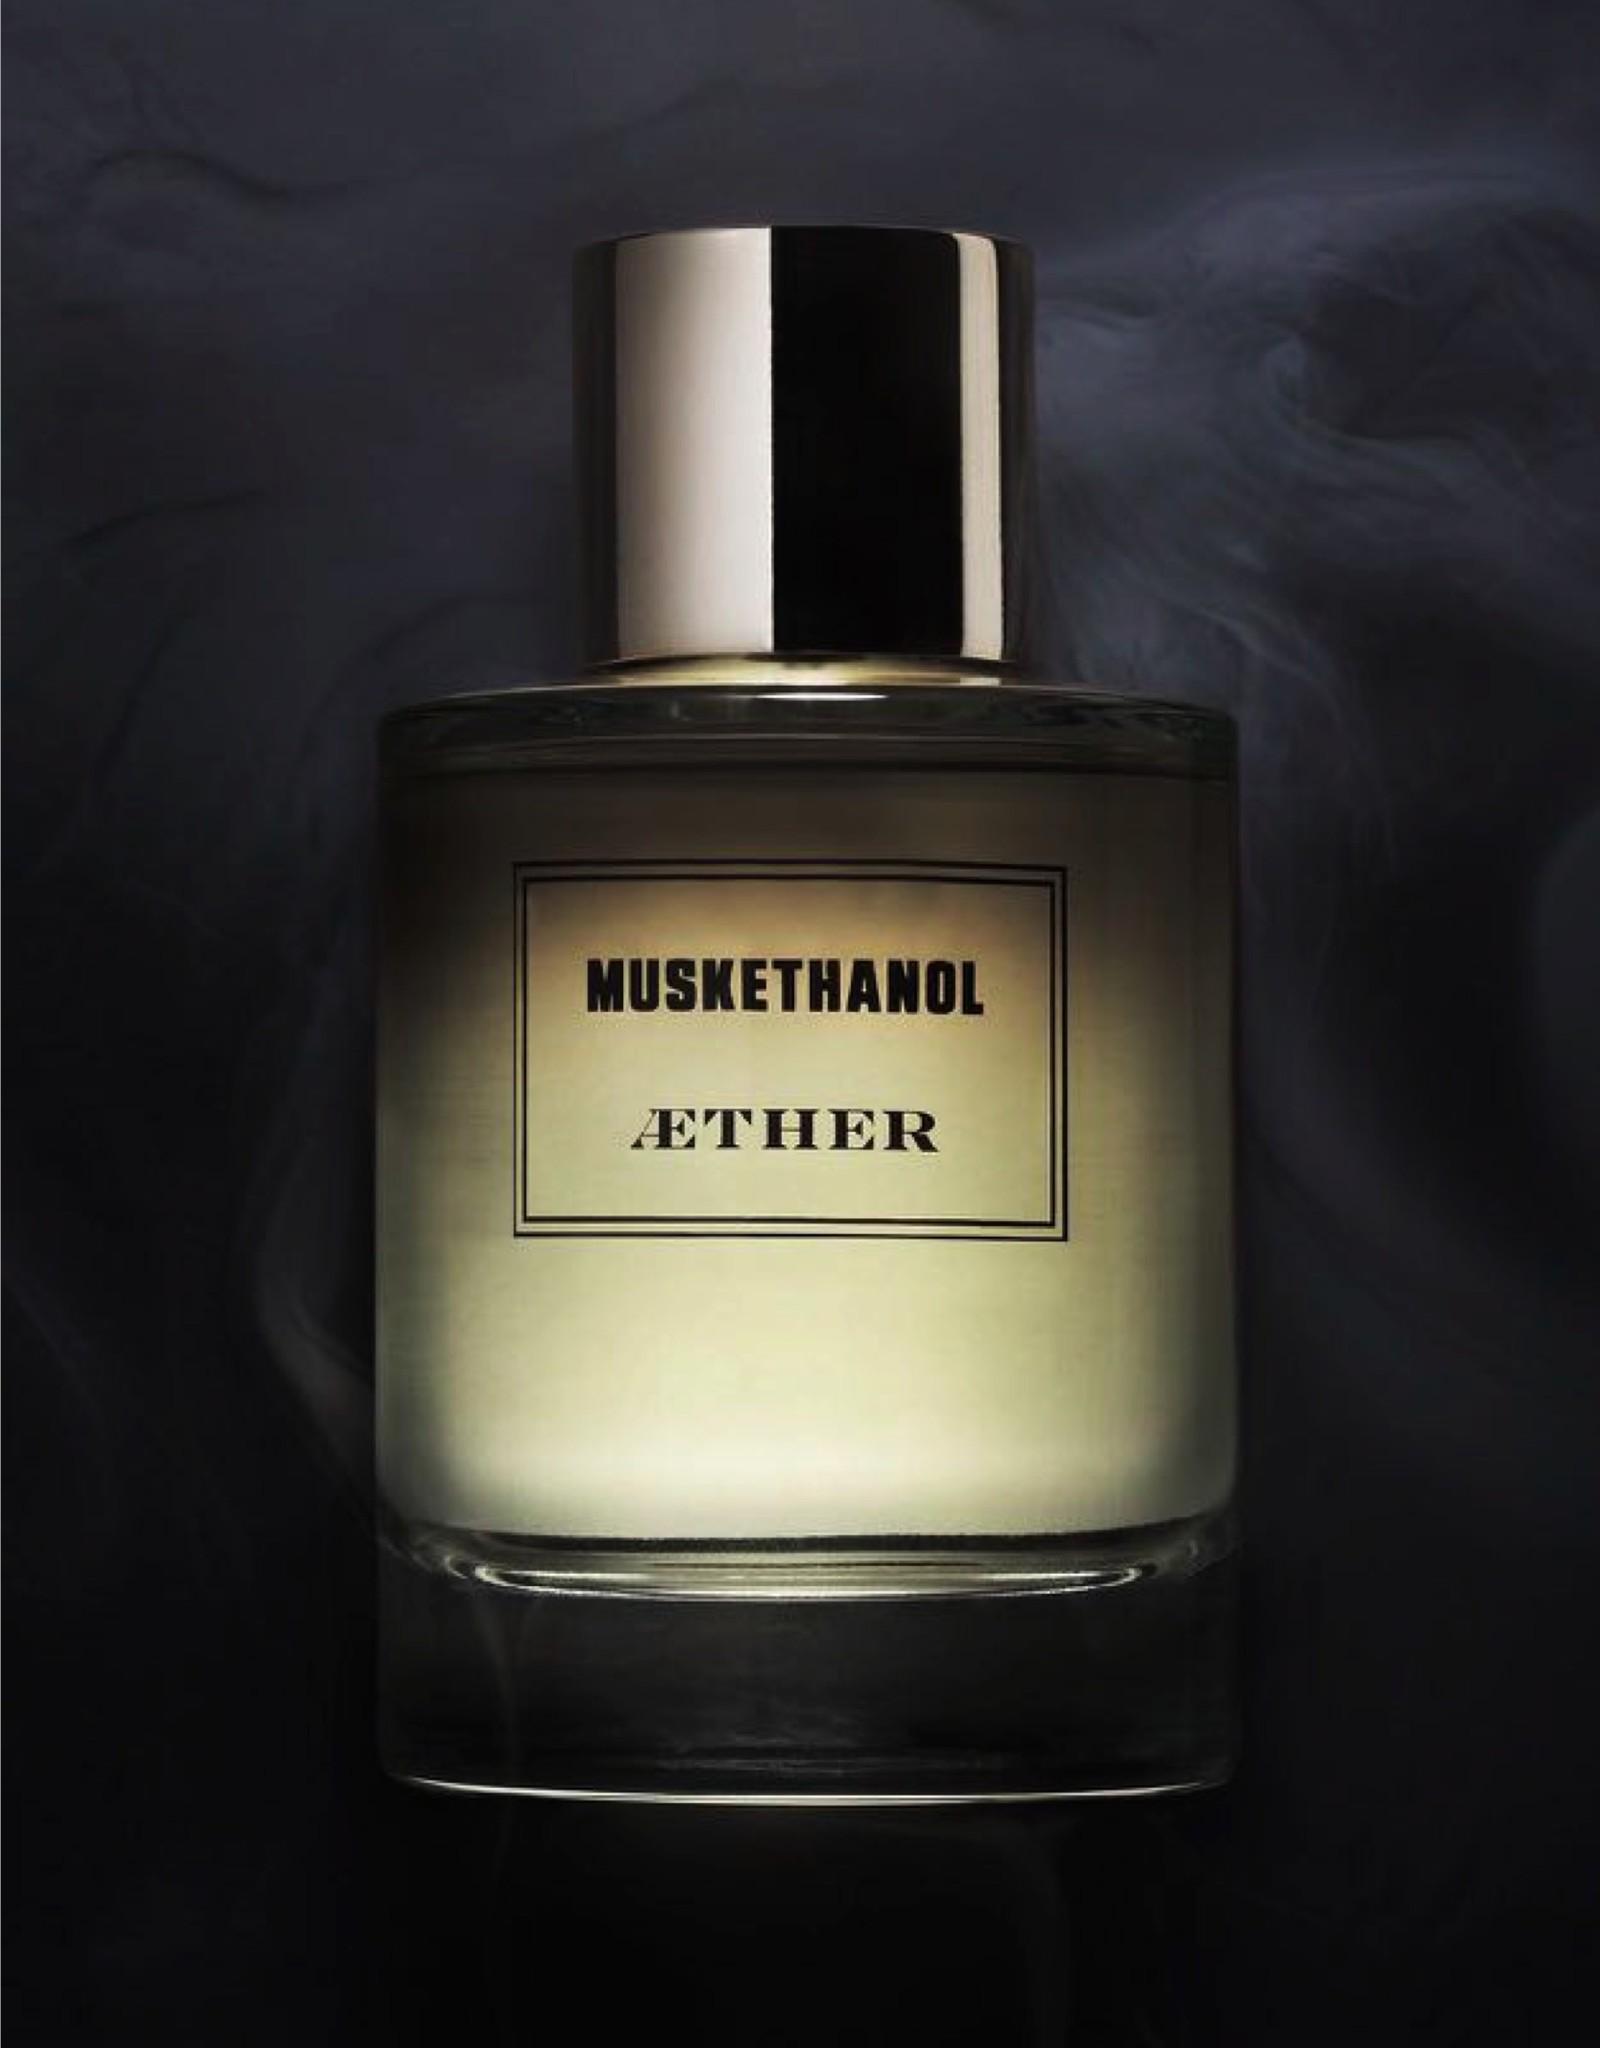 Aether Aether - MUSKETHANOL - Eau de Parfum